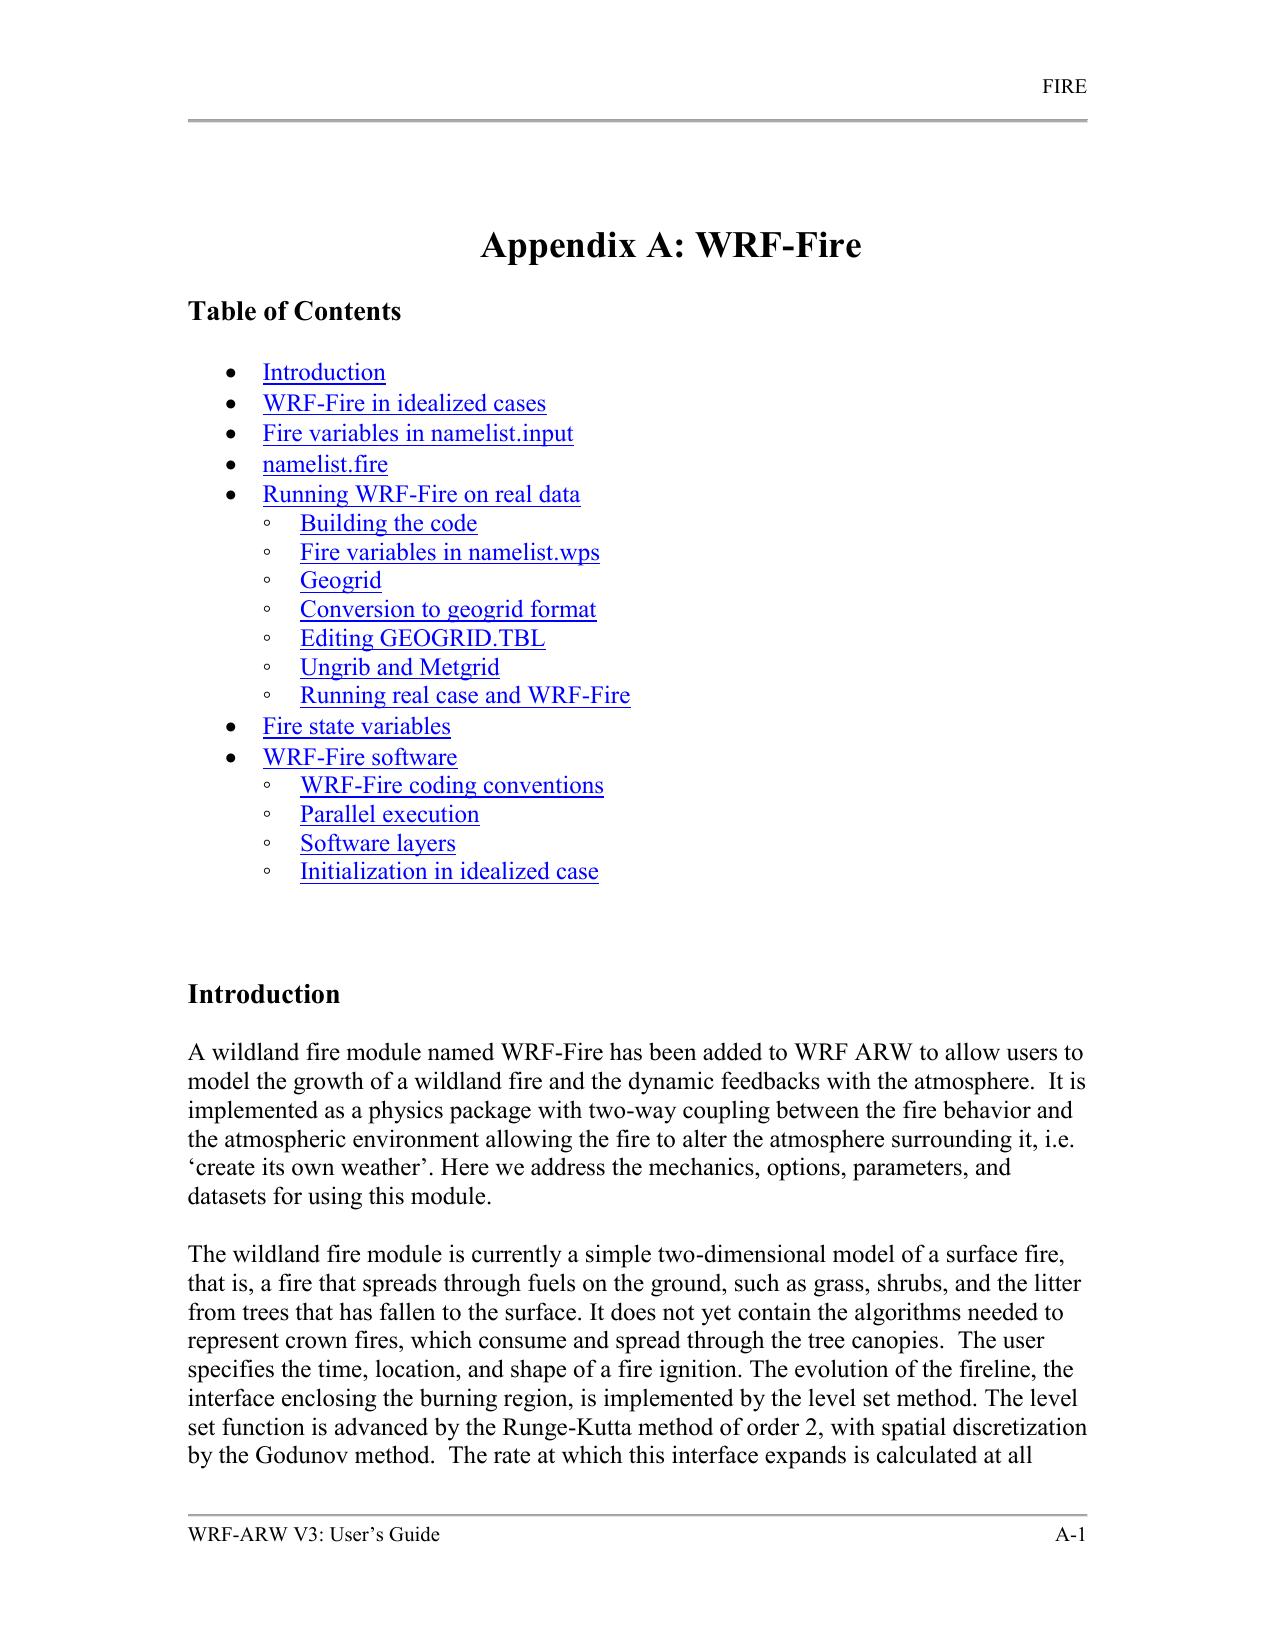 WRF-Fire